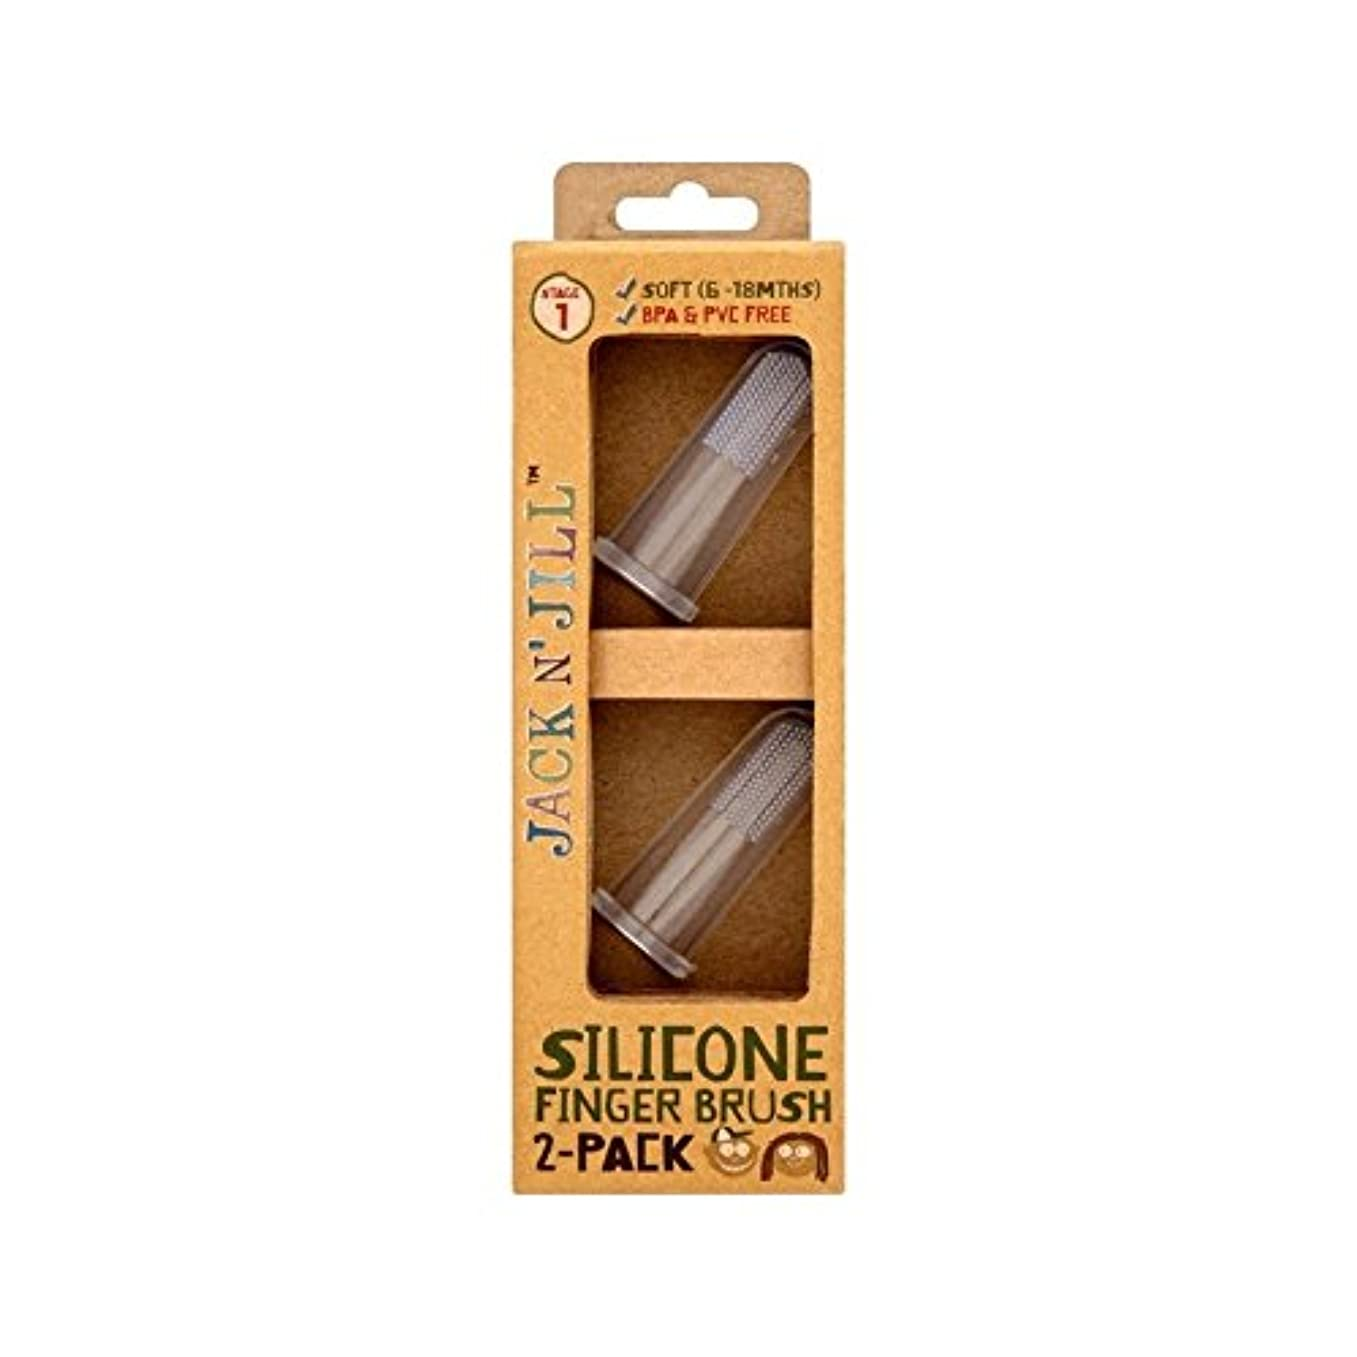 しがみつく正午出口シリコーン指ブラシ2パックあたりパック2 (Jack N Jill) (x 6) - Jack N' Jill Silicone Finger Brush 2 Pack 2 per pack (Pack of 6) [並行輸入品]